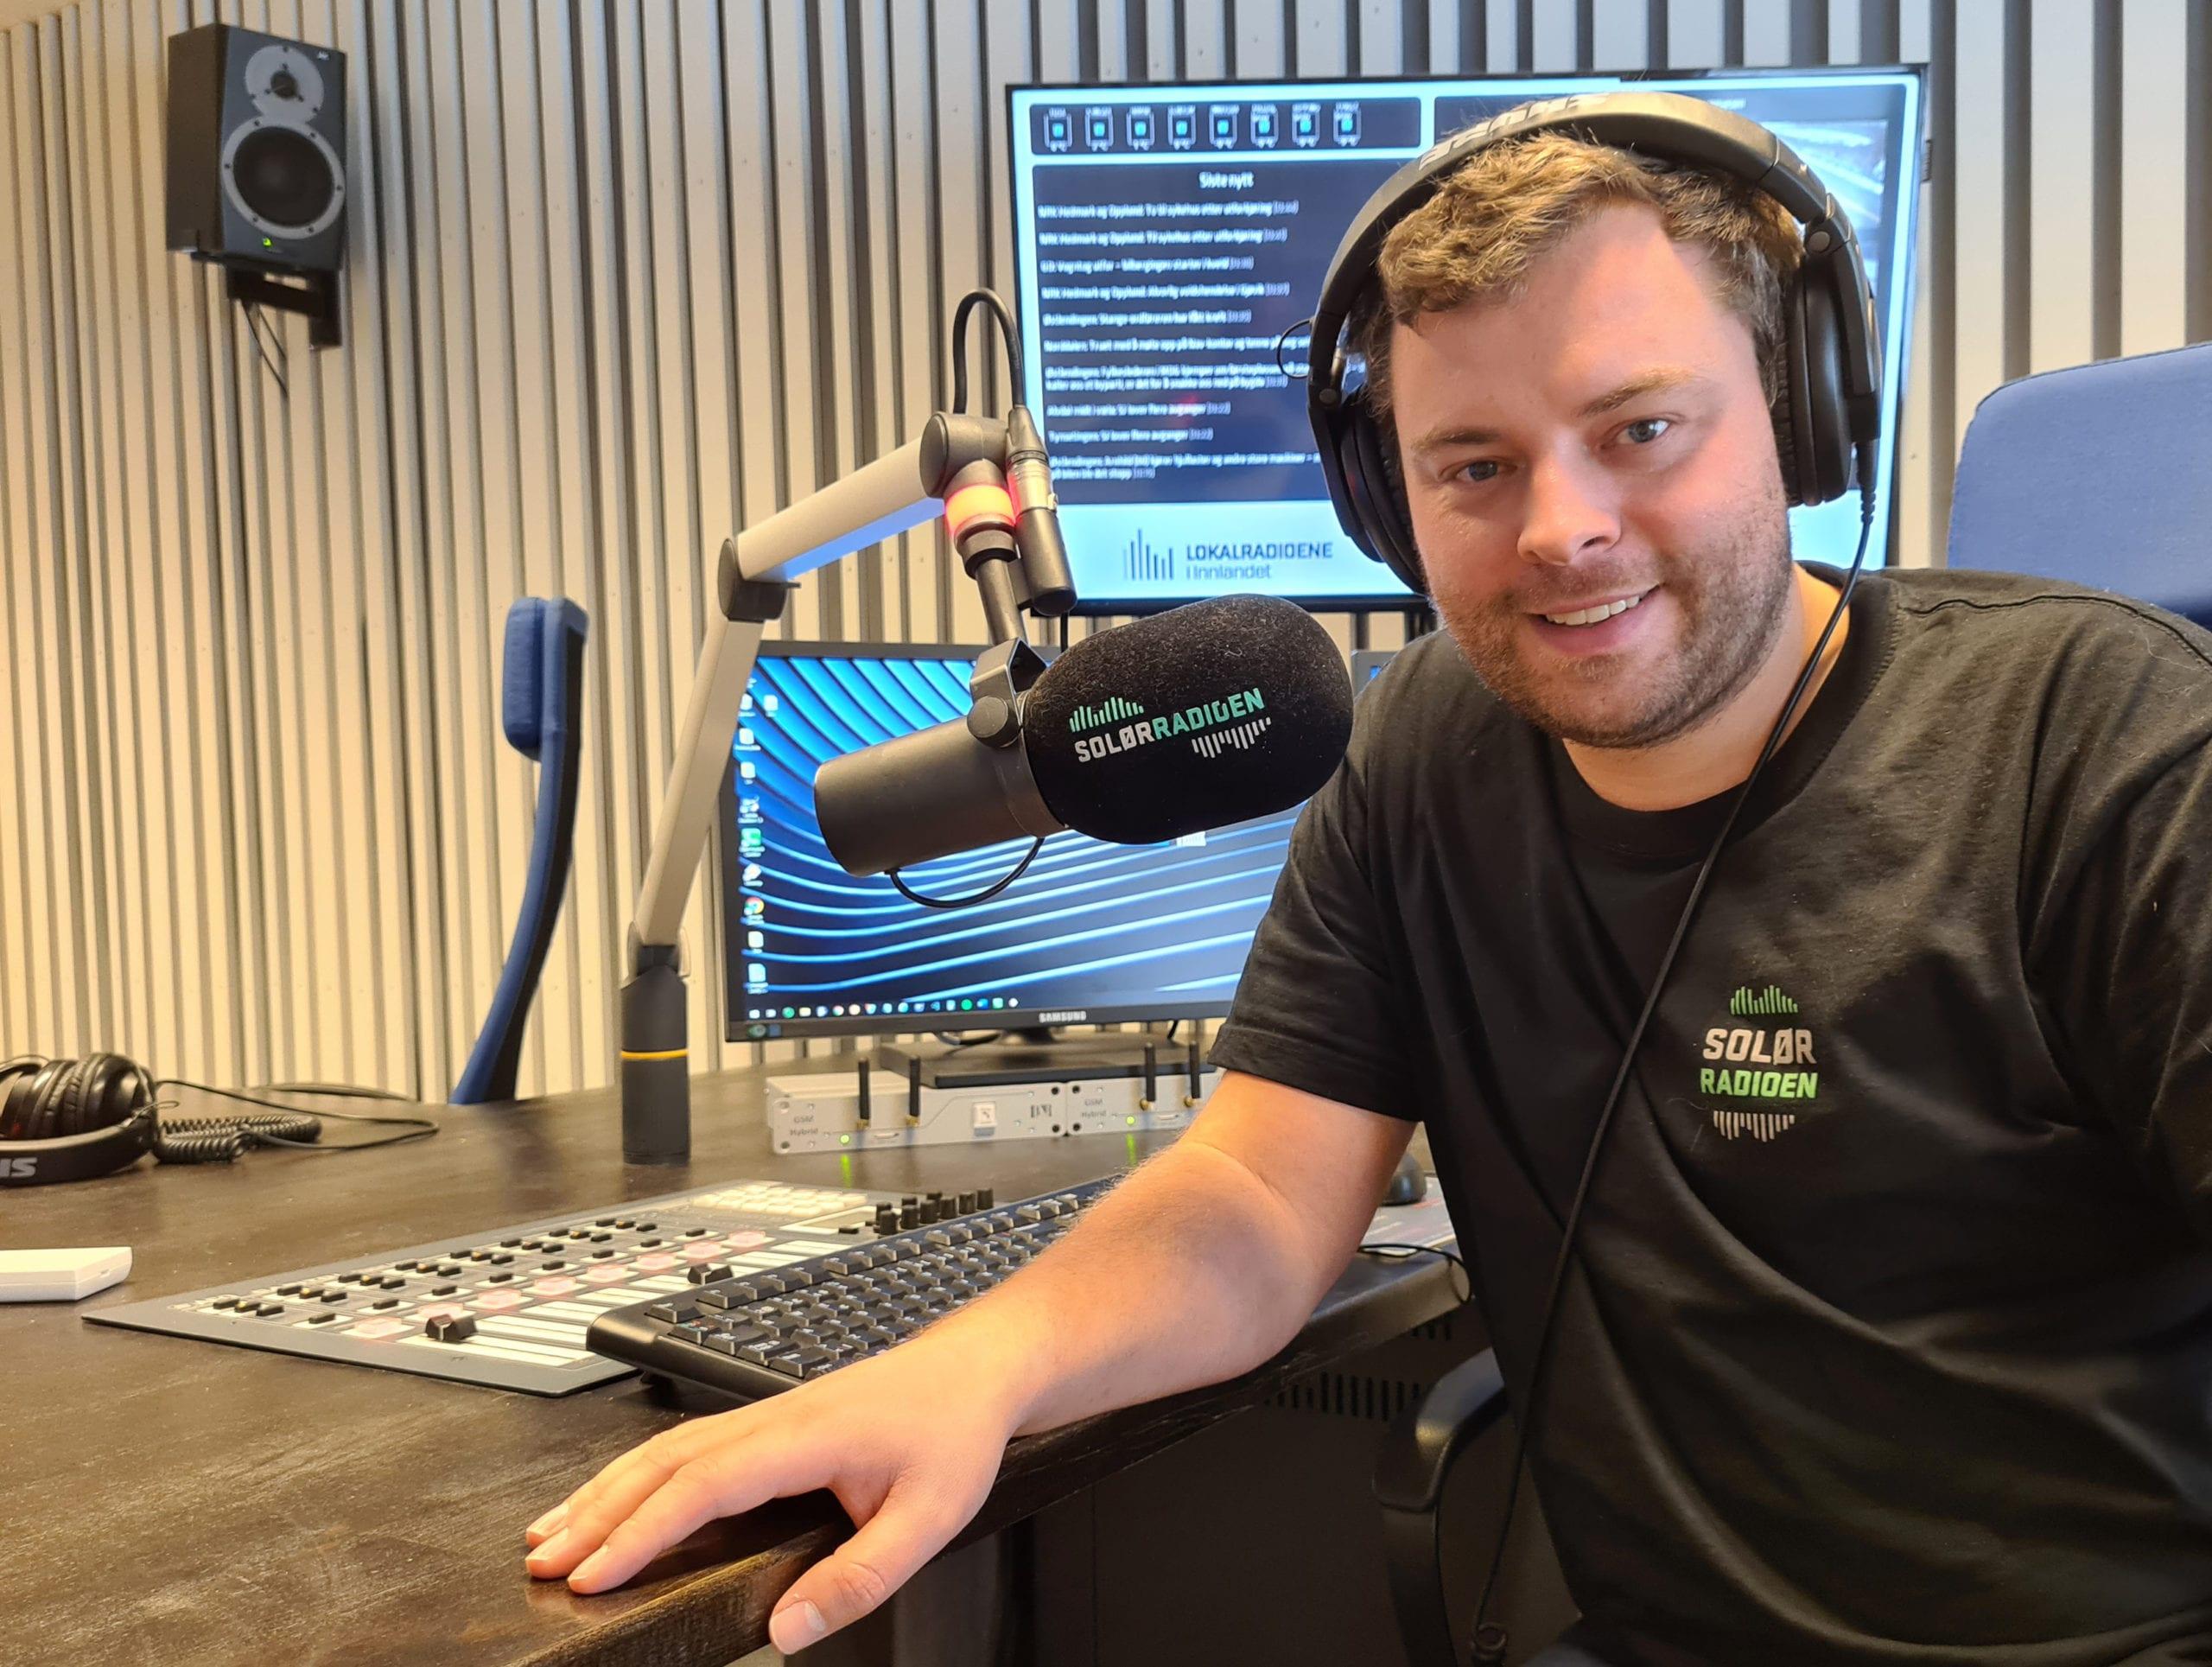 GRUNN TIL Å SMILE: SolørRadioen har nesten firedoblet lyttertallene sine, etter at Kantar TNS begynte å spørre folk også utenfor Solør om de hører på SolørRadioen. Kanalen vokser fra 4.851 lyttere i 2. kvartal til 19.096 lyttere i 3. kvartal. Det er flere lyttere enn Solør-kommunene har innbyggere, noe daglig leder Bjørn-Martin Brandett har all grunn til å smile for.